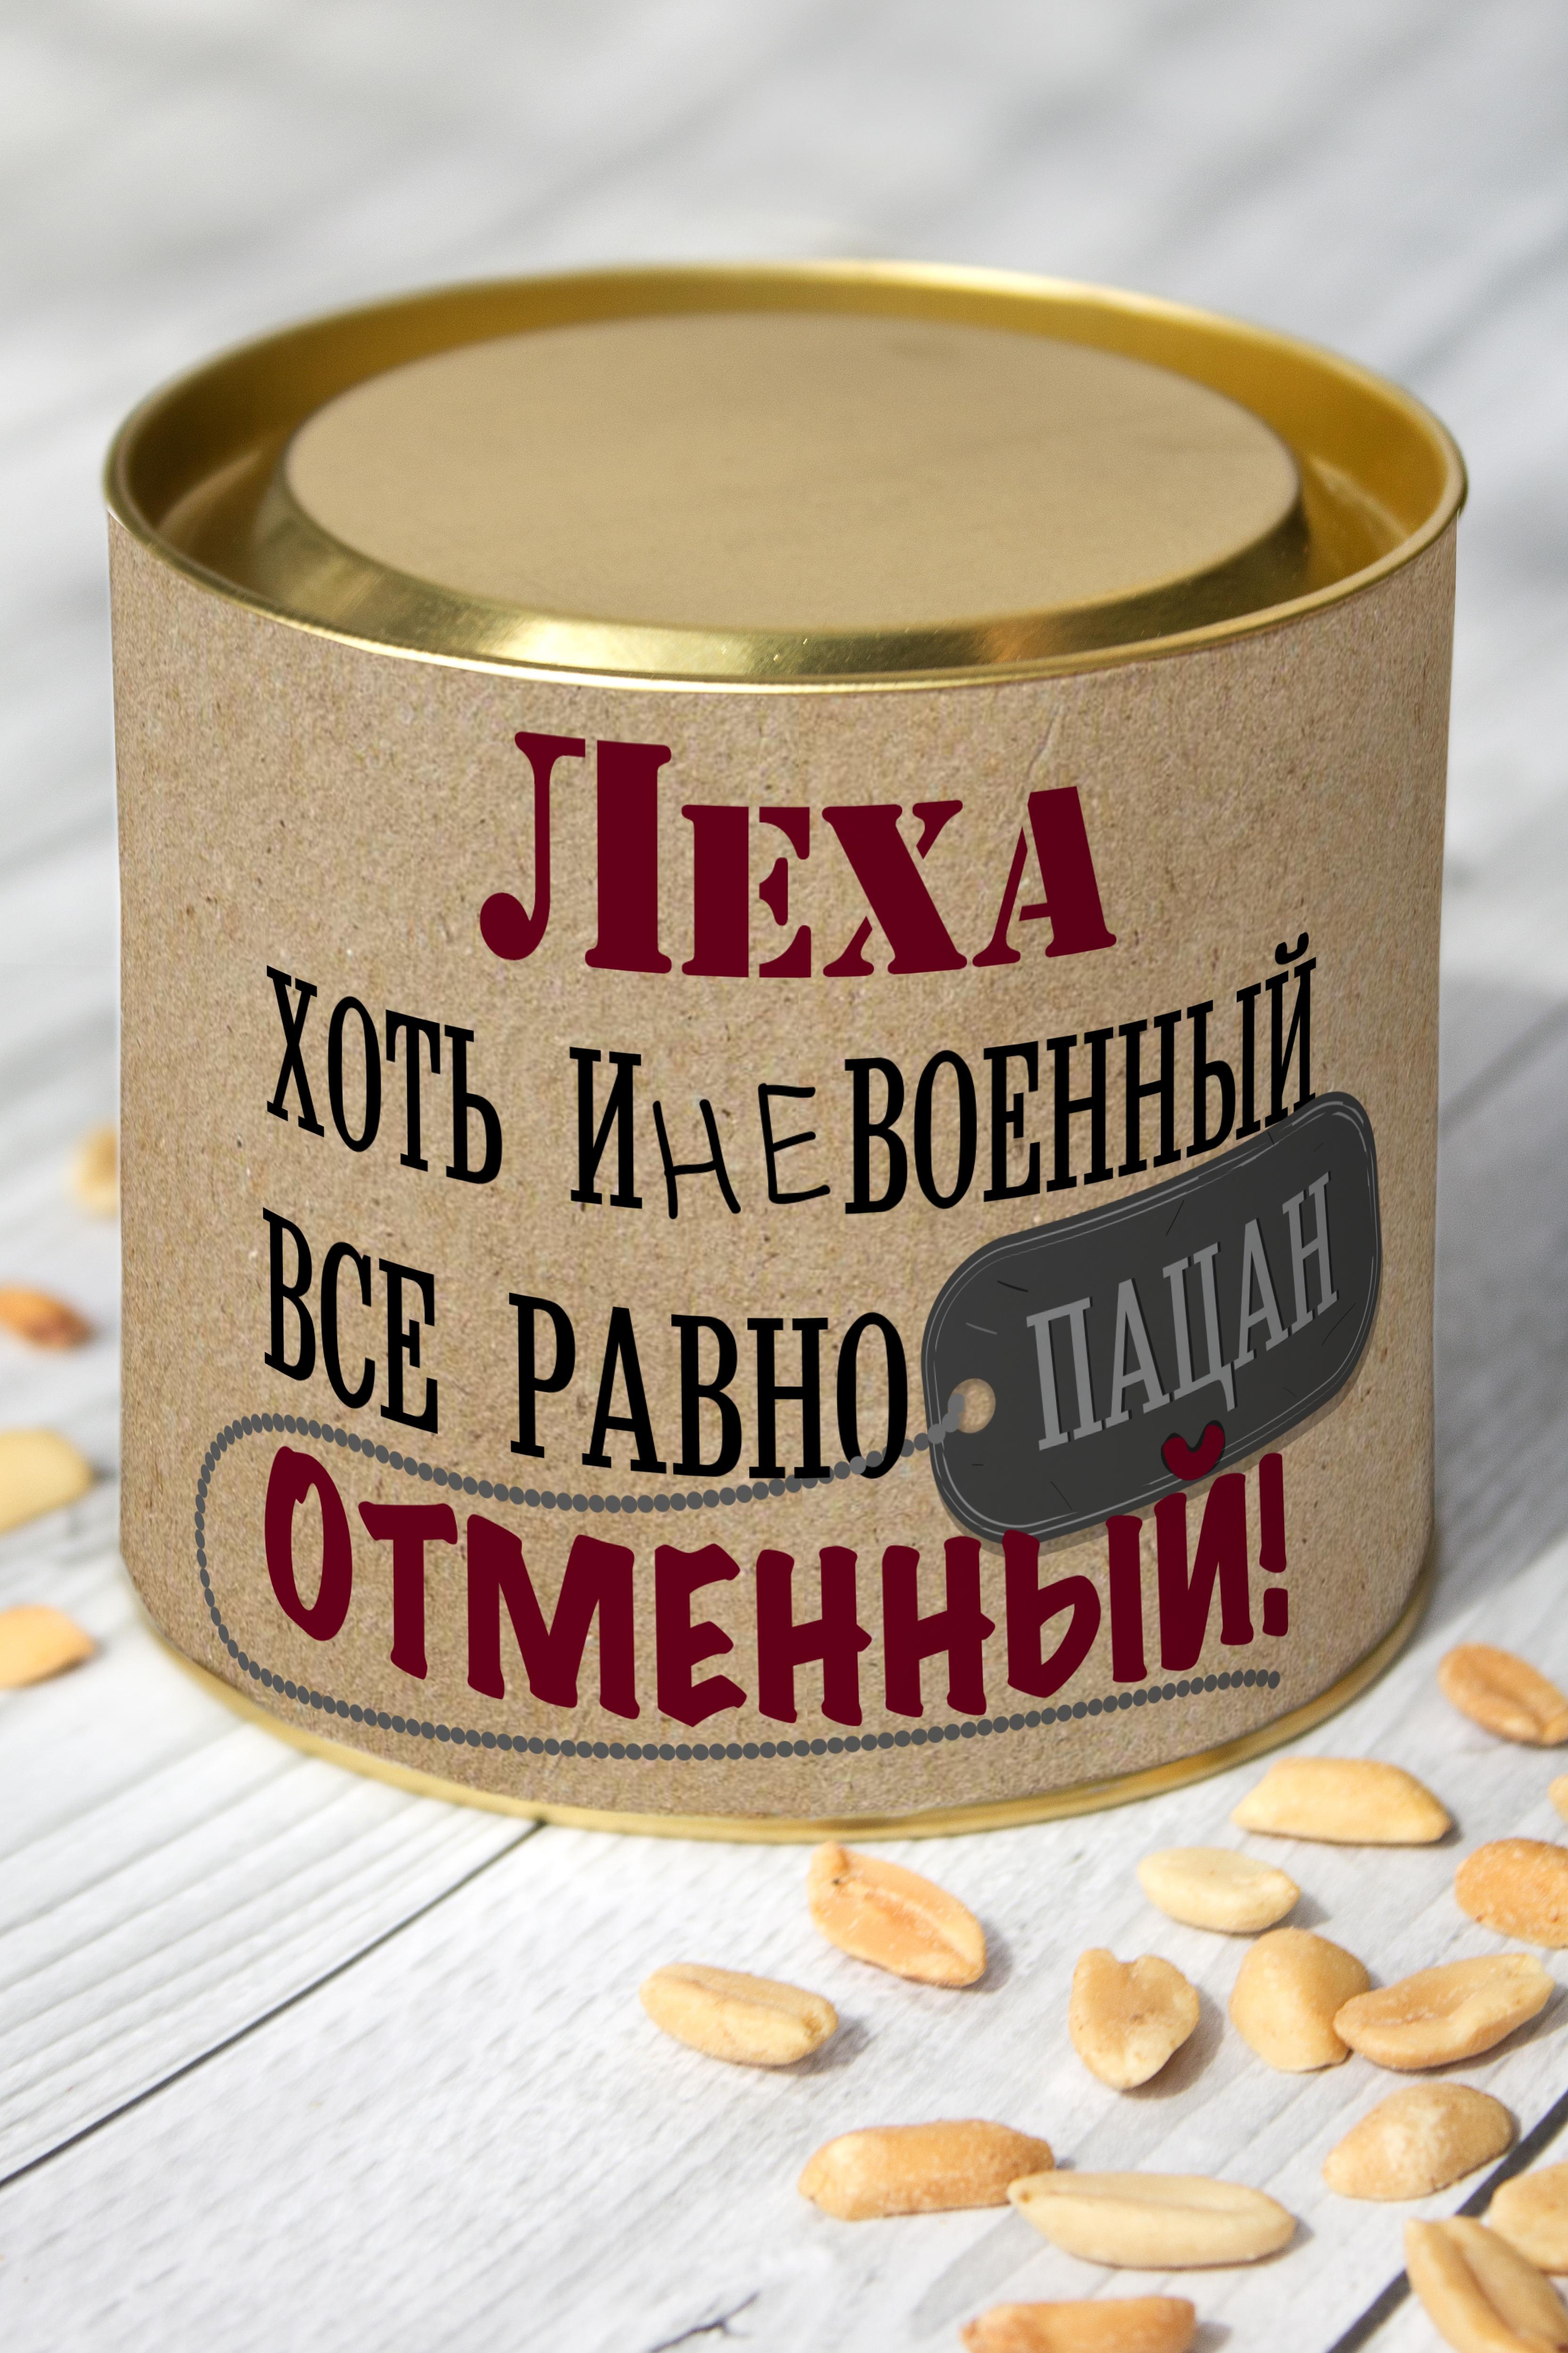 Арахис именной ОтменныйСувениры и упаковка<br>Арахис жиреный соленый, 150гр. в красивой упаковке с Вашим именем<br>